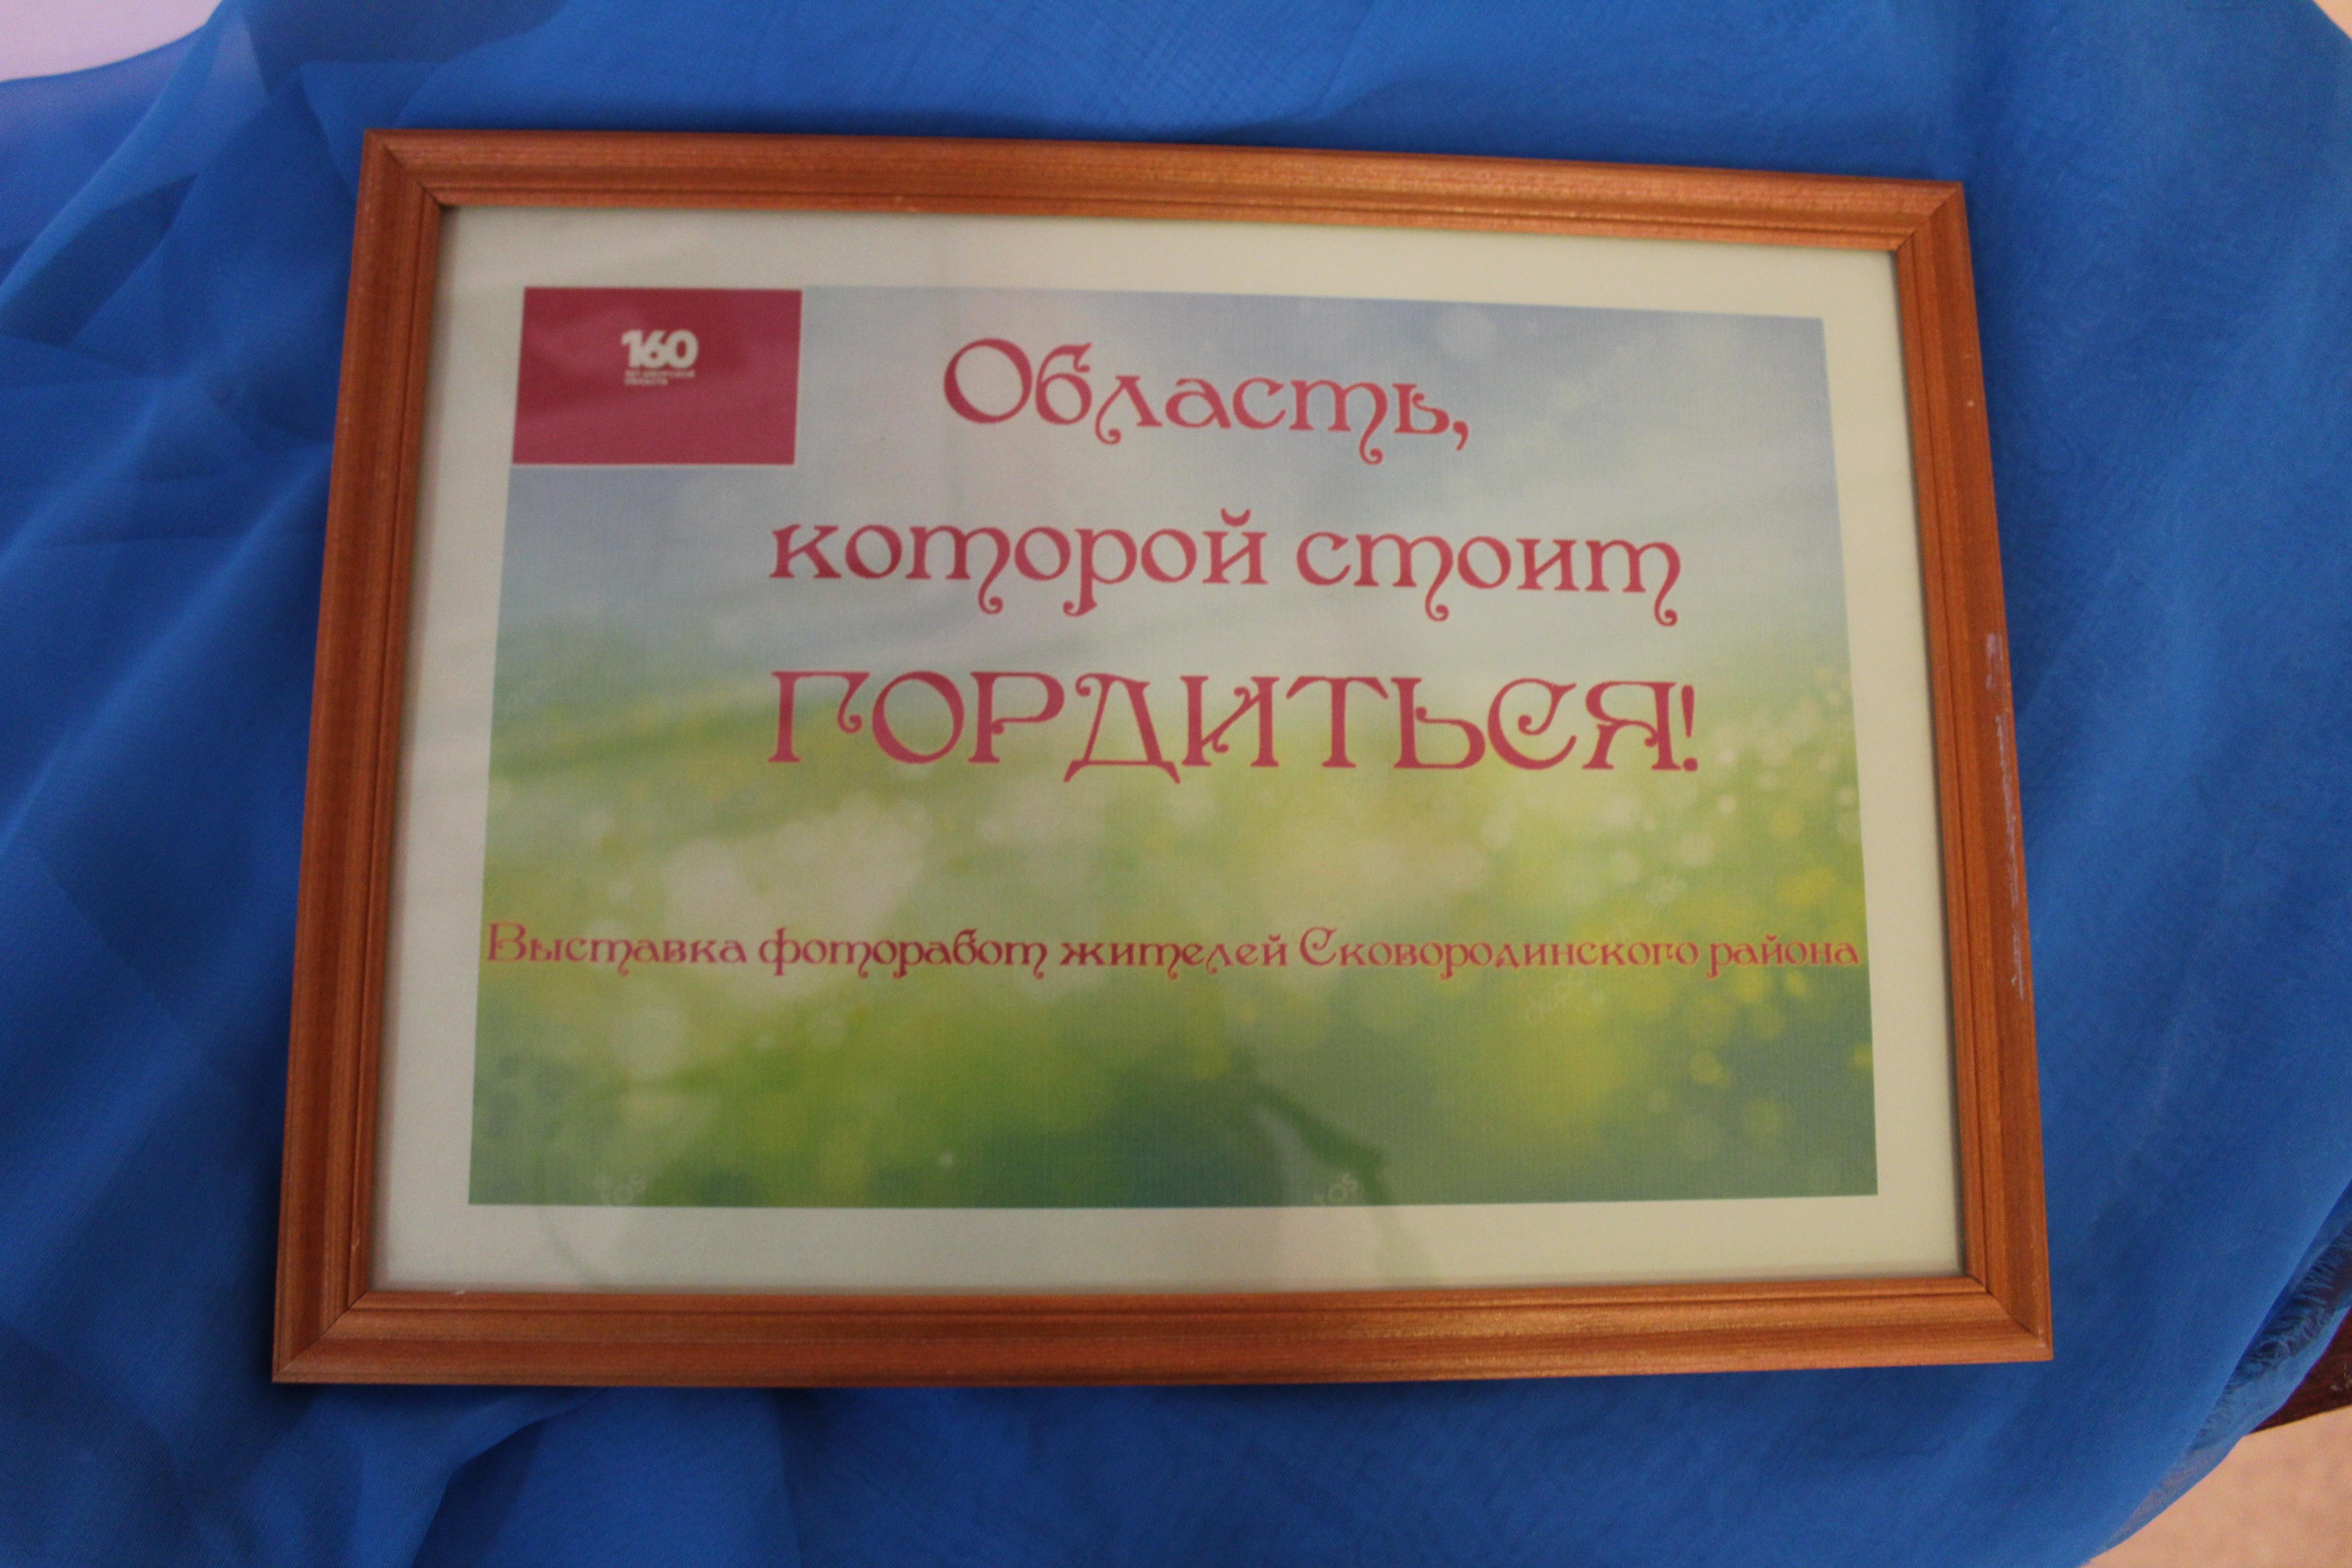 Выставка, посвящённая 160-летию Амурской области.